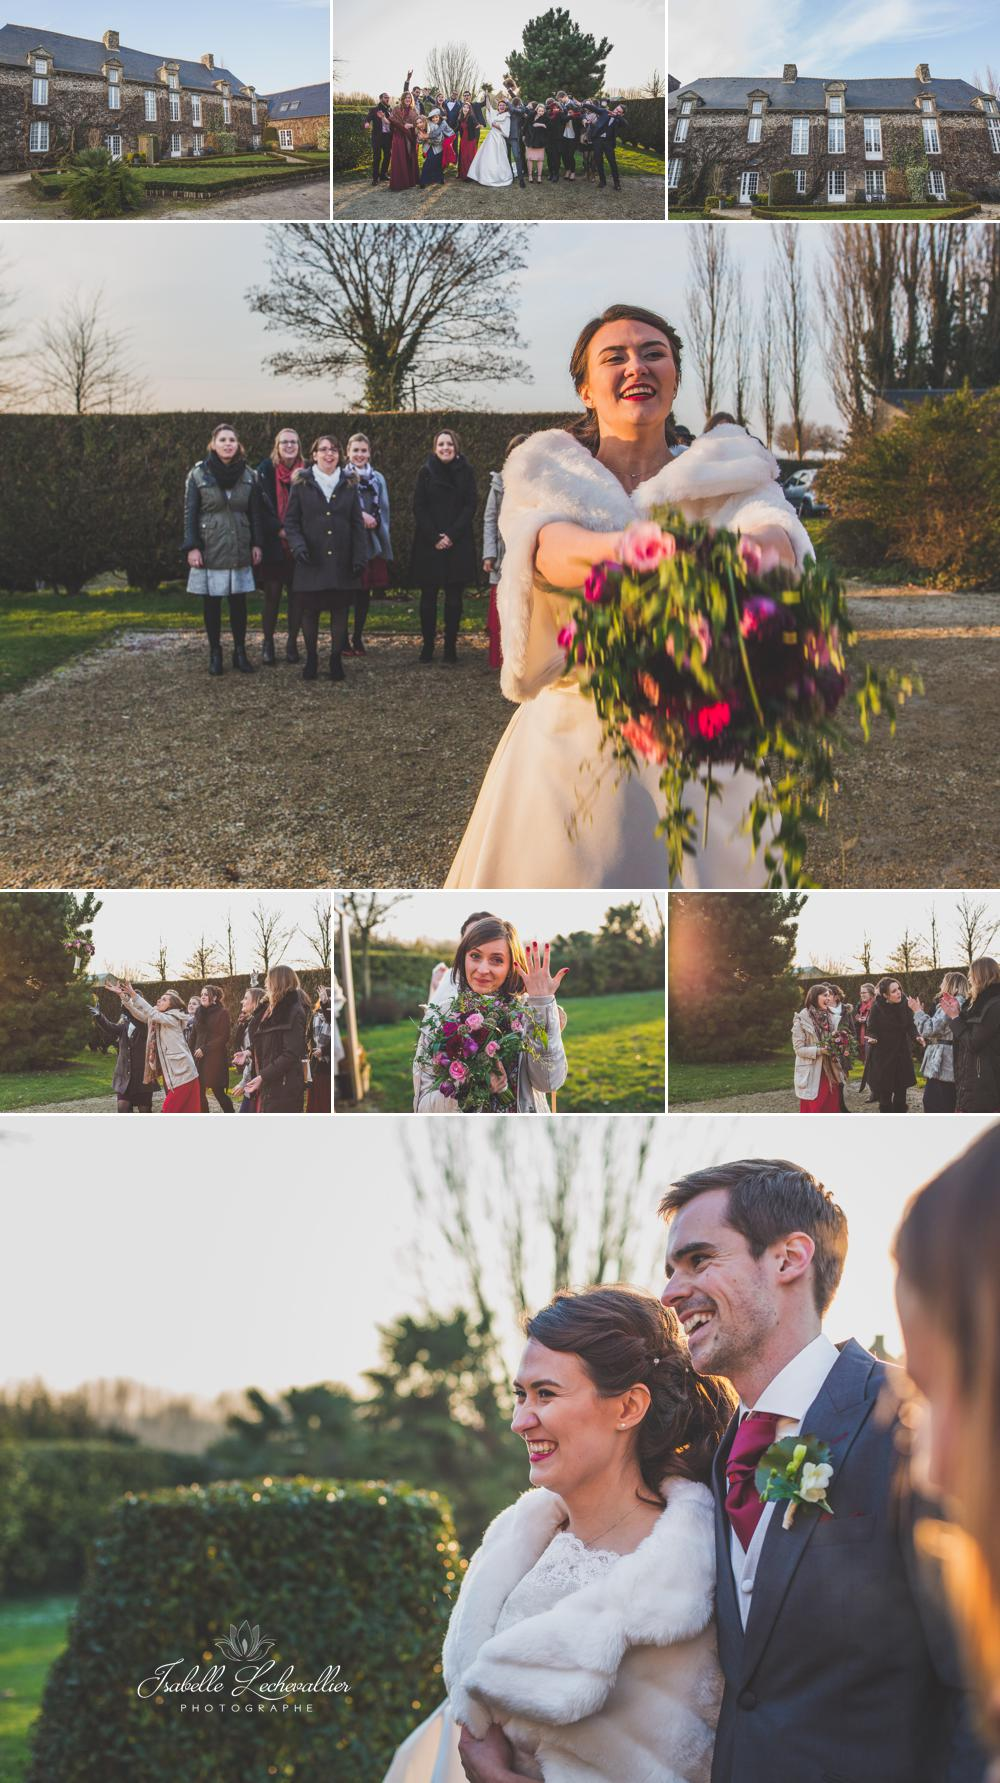 Mariage hivernal au Manoir de la Bégaudière